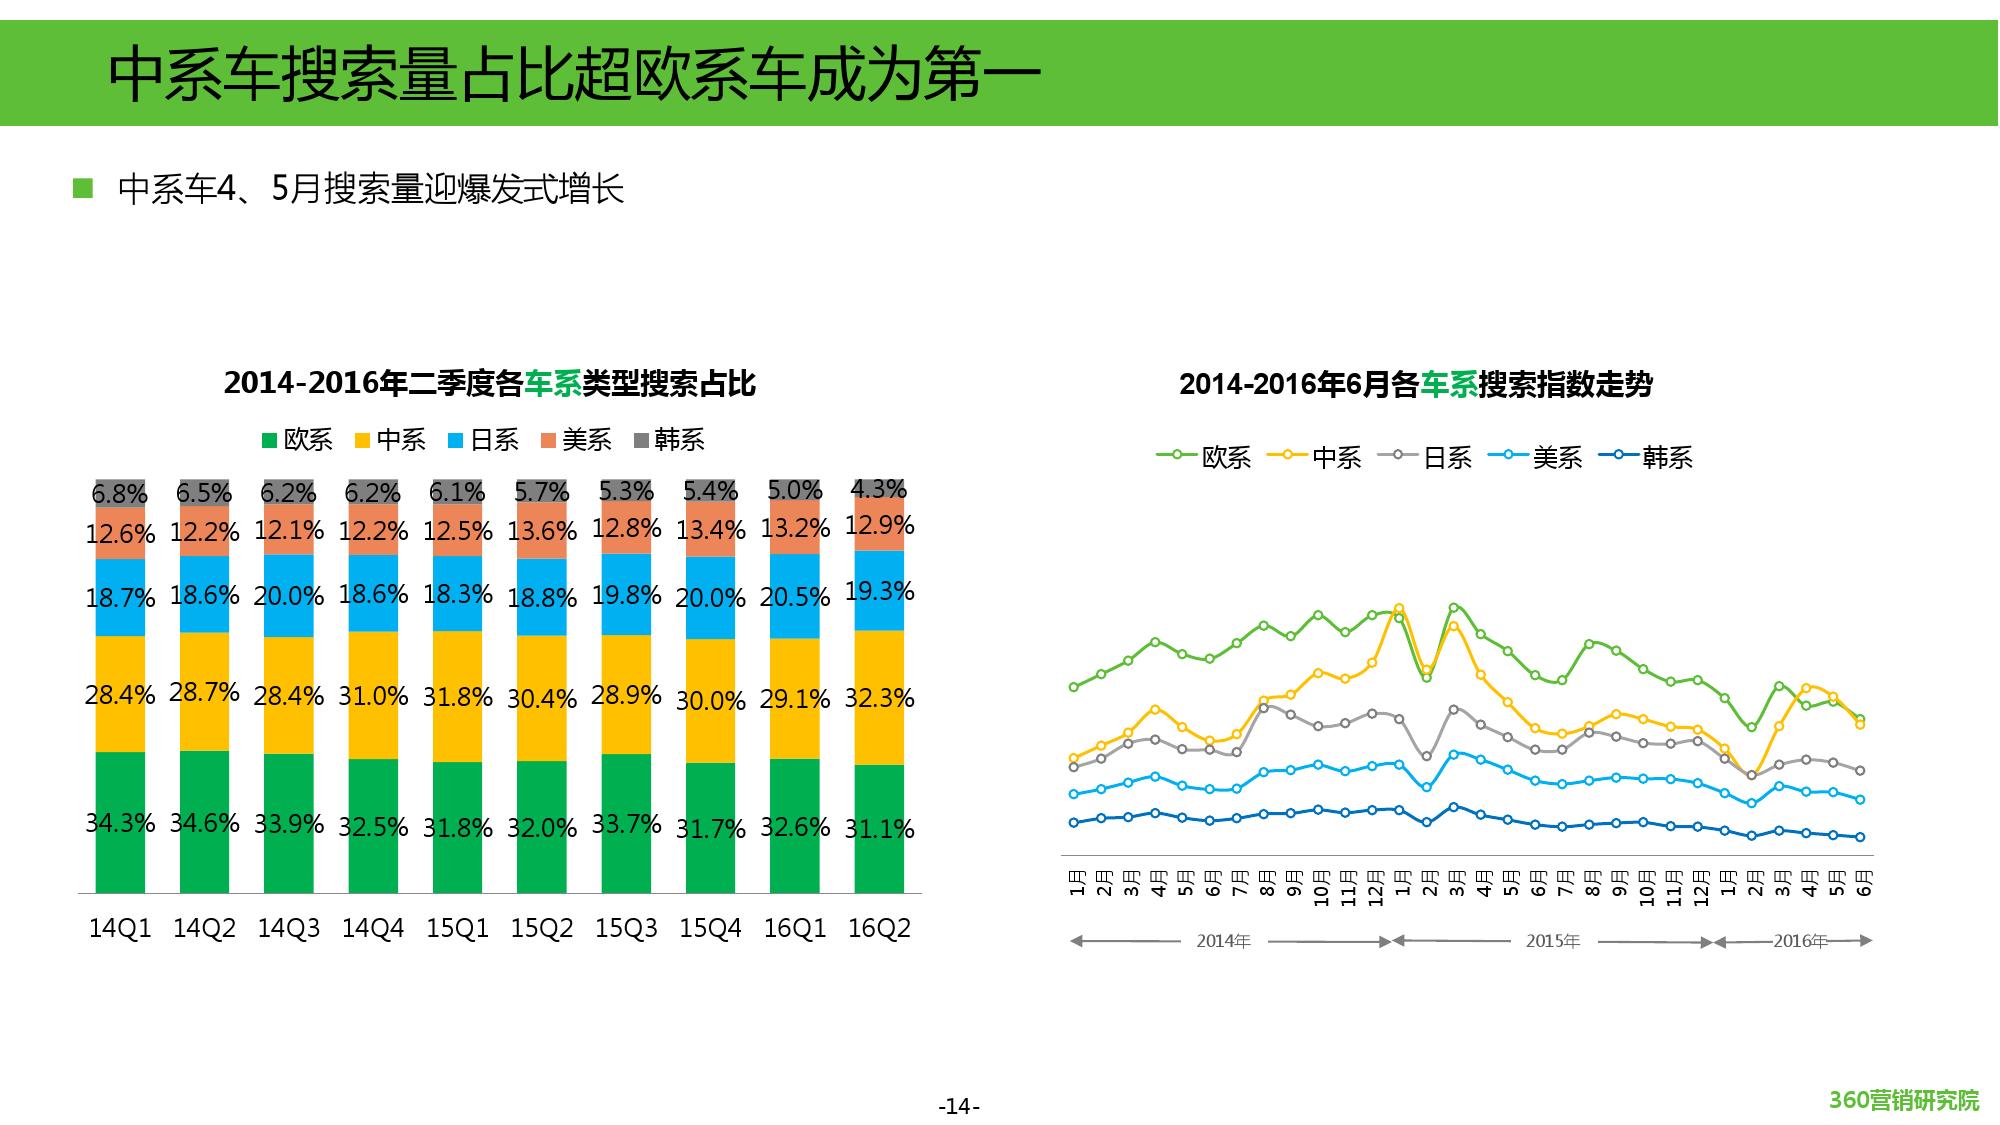 2016年第二季度汽车行业研究报告_000014